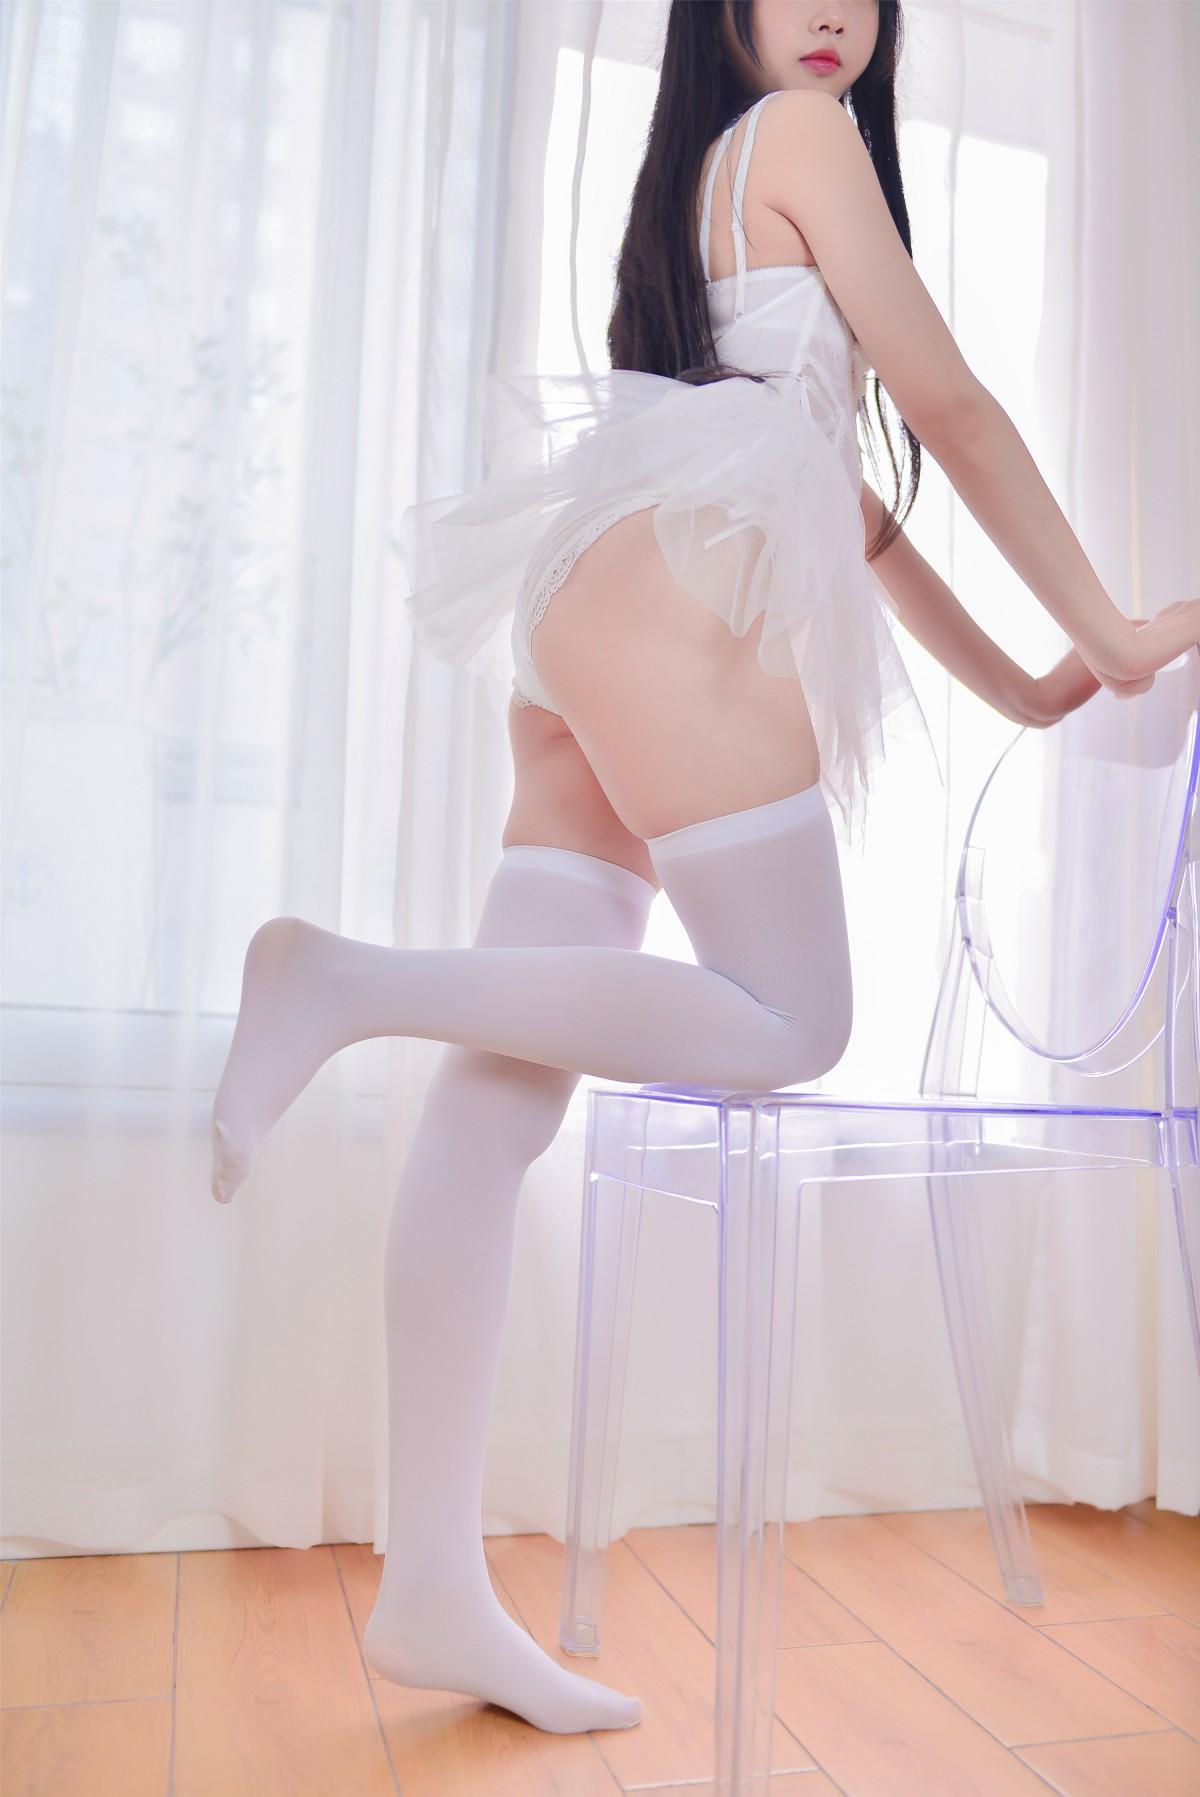 Cos小姐姐雪琪 – 猫系少女白猫[30P] 角色扮演 第2张